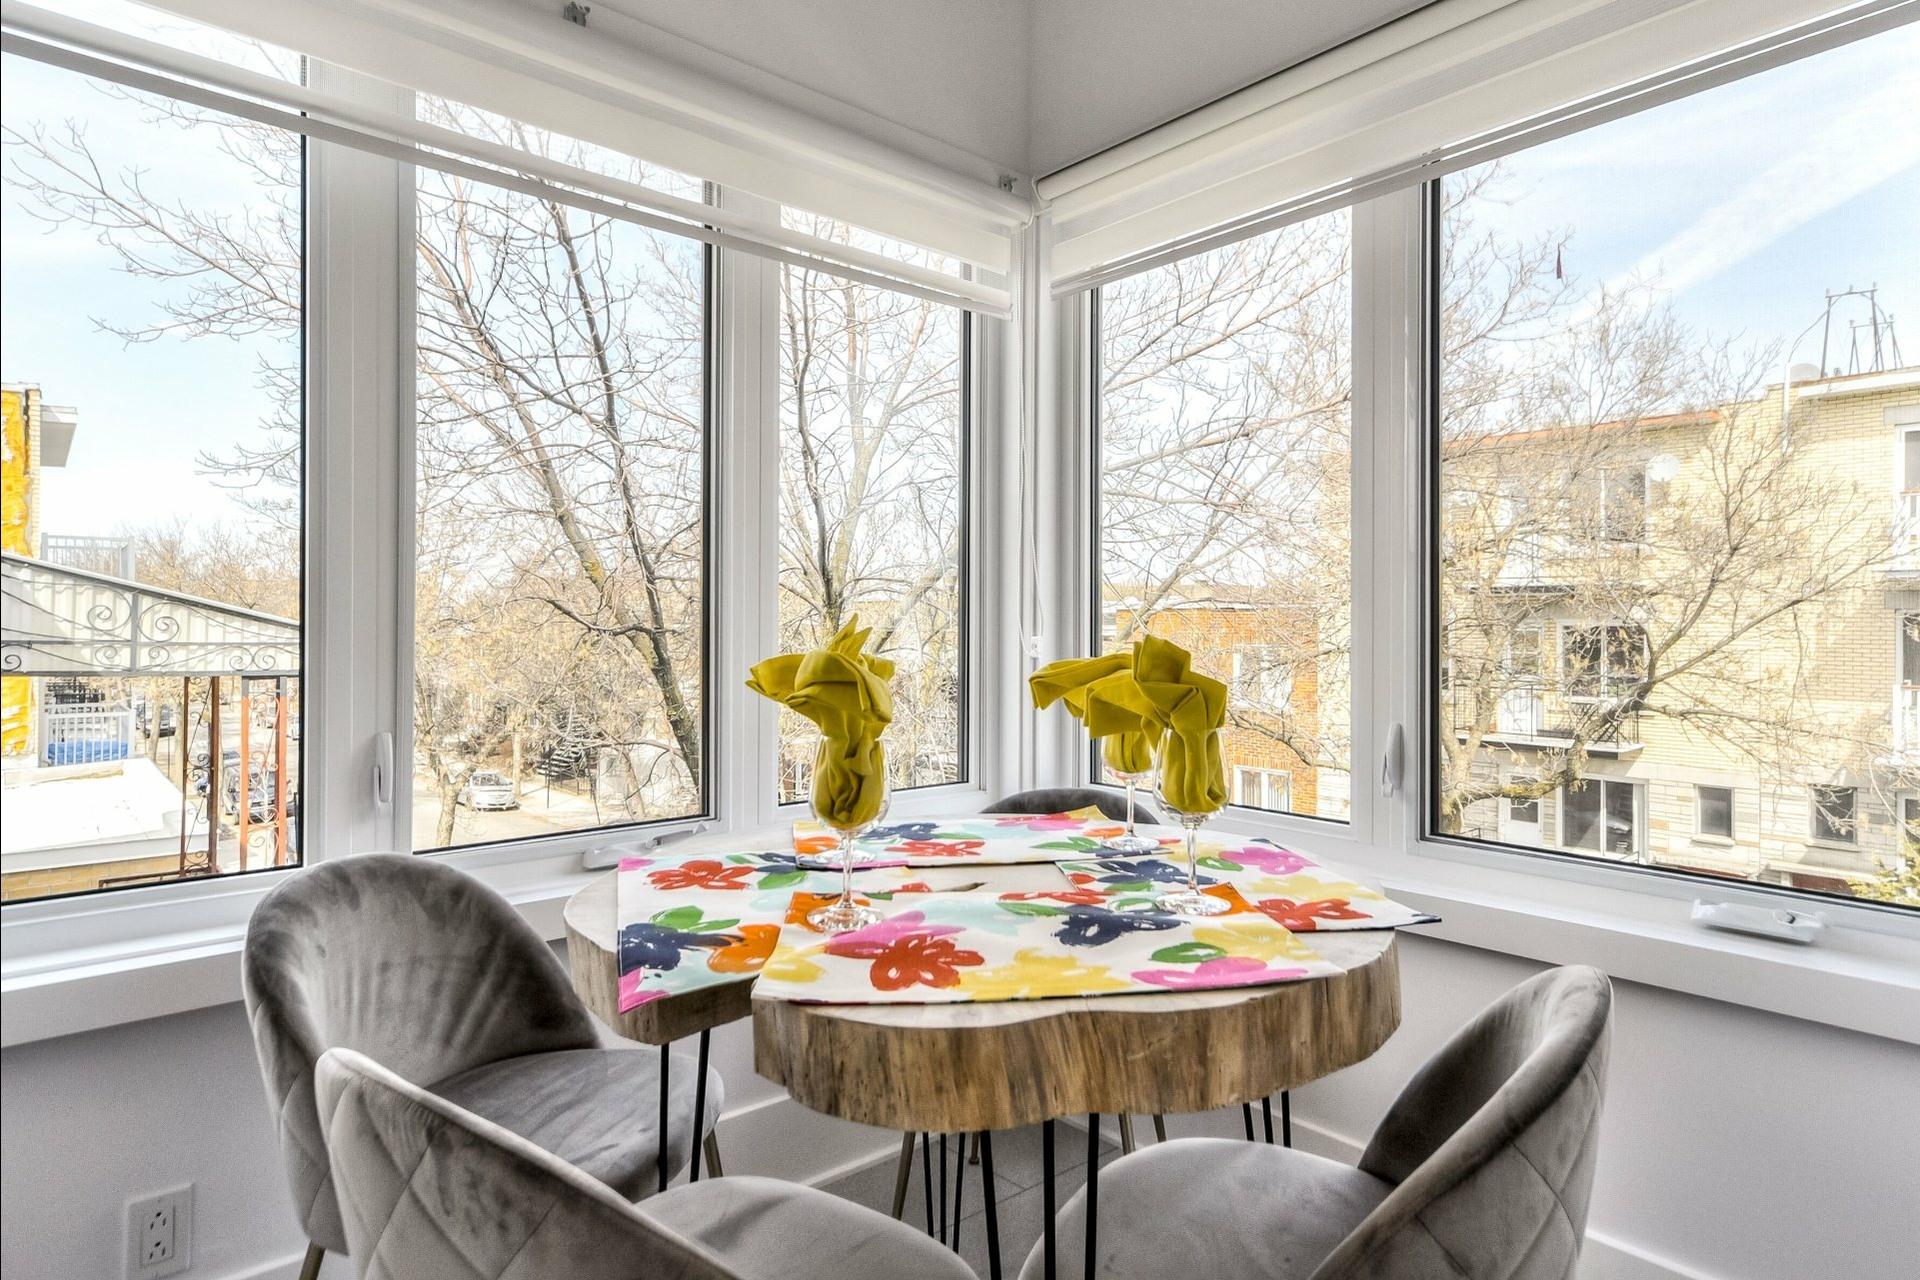 image 4 - Immeuble à revenus À vendre Montréal Villeray/Saint-Michel/Parc-Extension  - 3 pièces